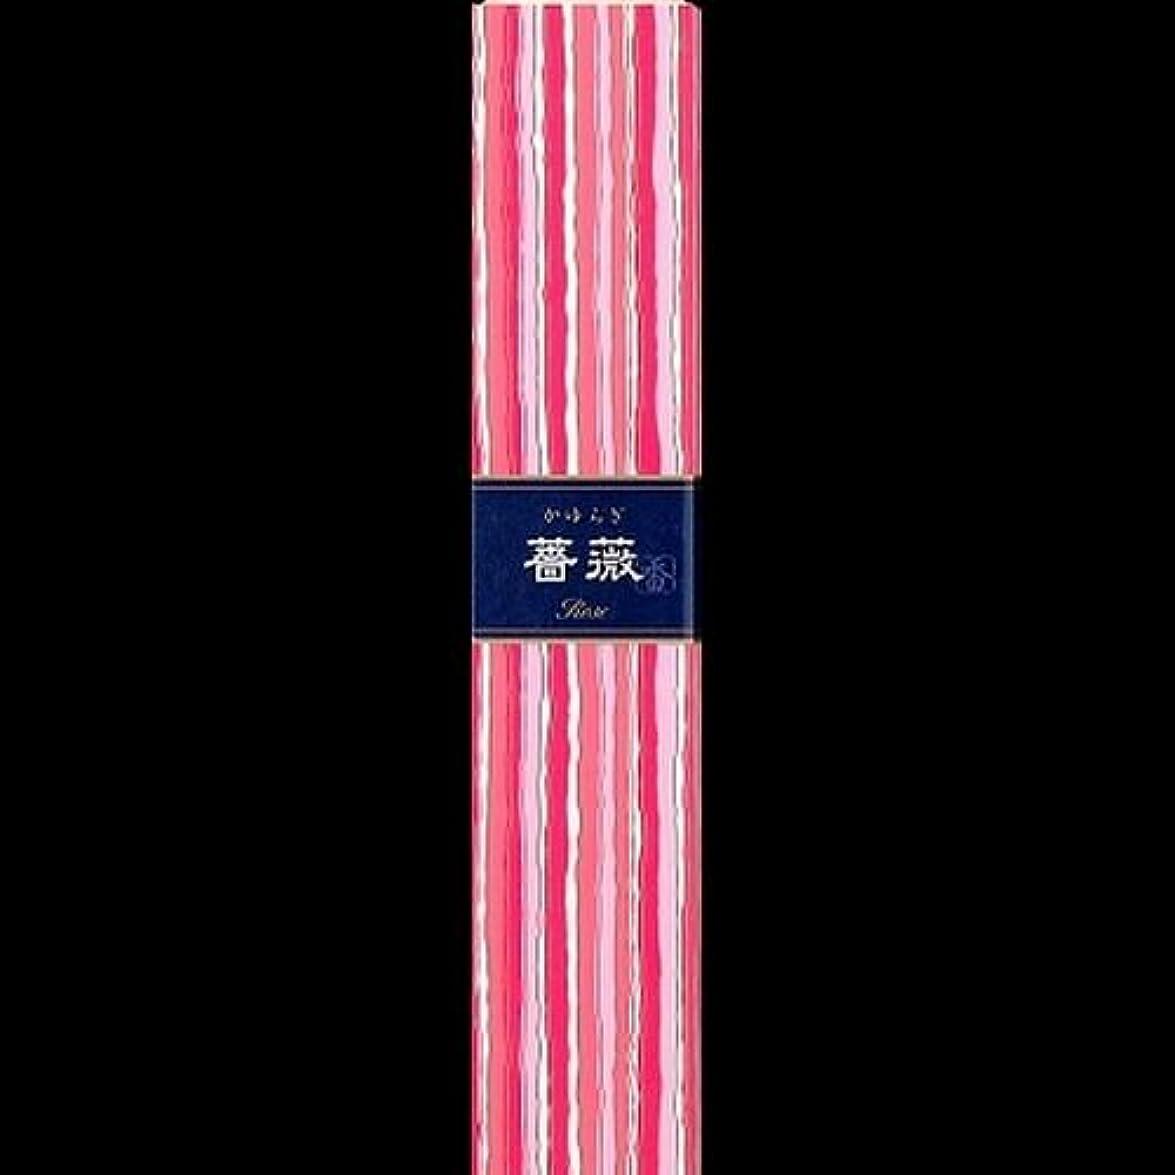 ドラッグ試みる影響する【まとめ買い】日本香堂 かゆらぎスティック 薔薇 ×2セット